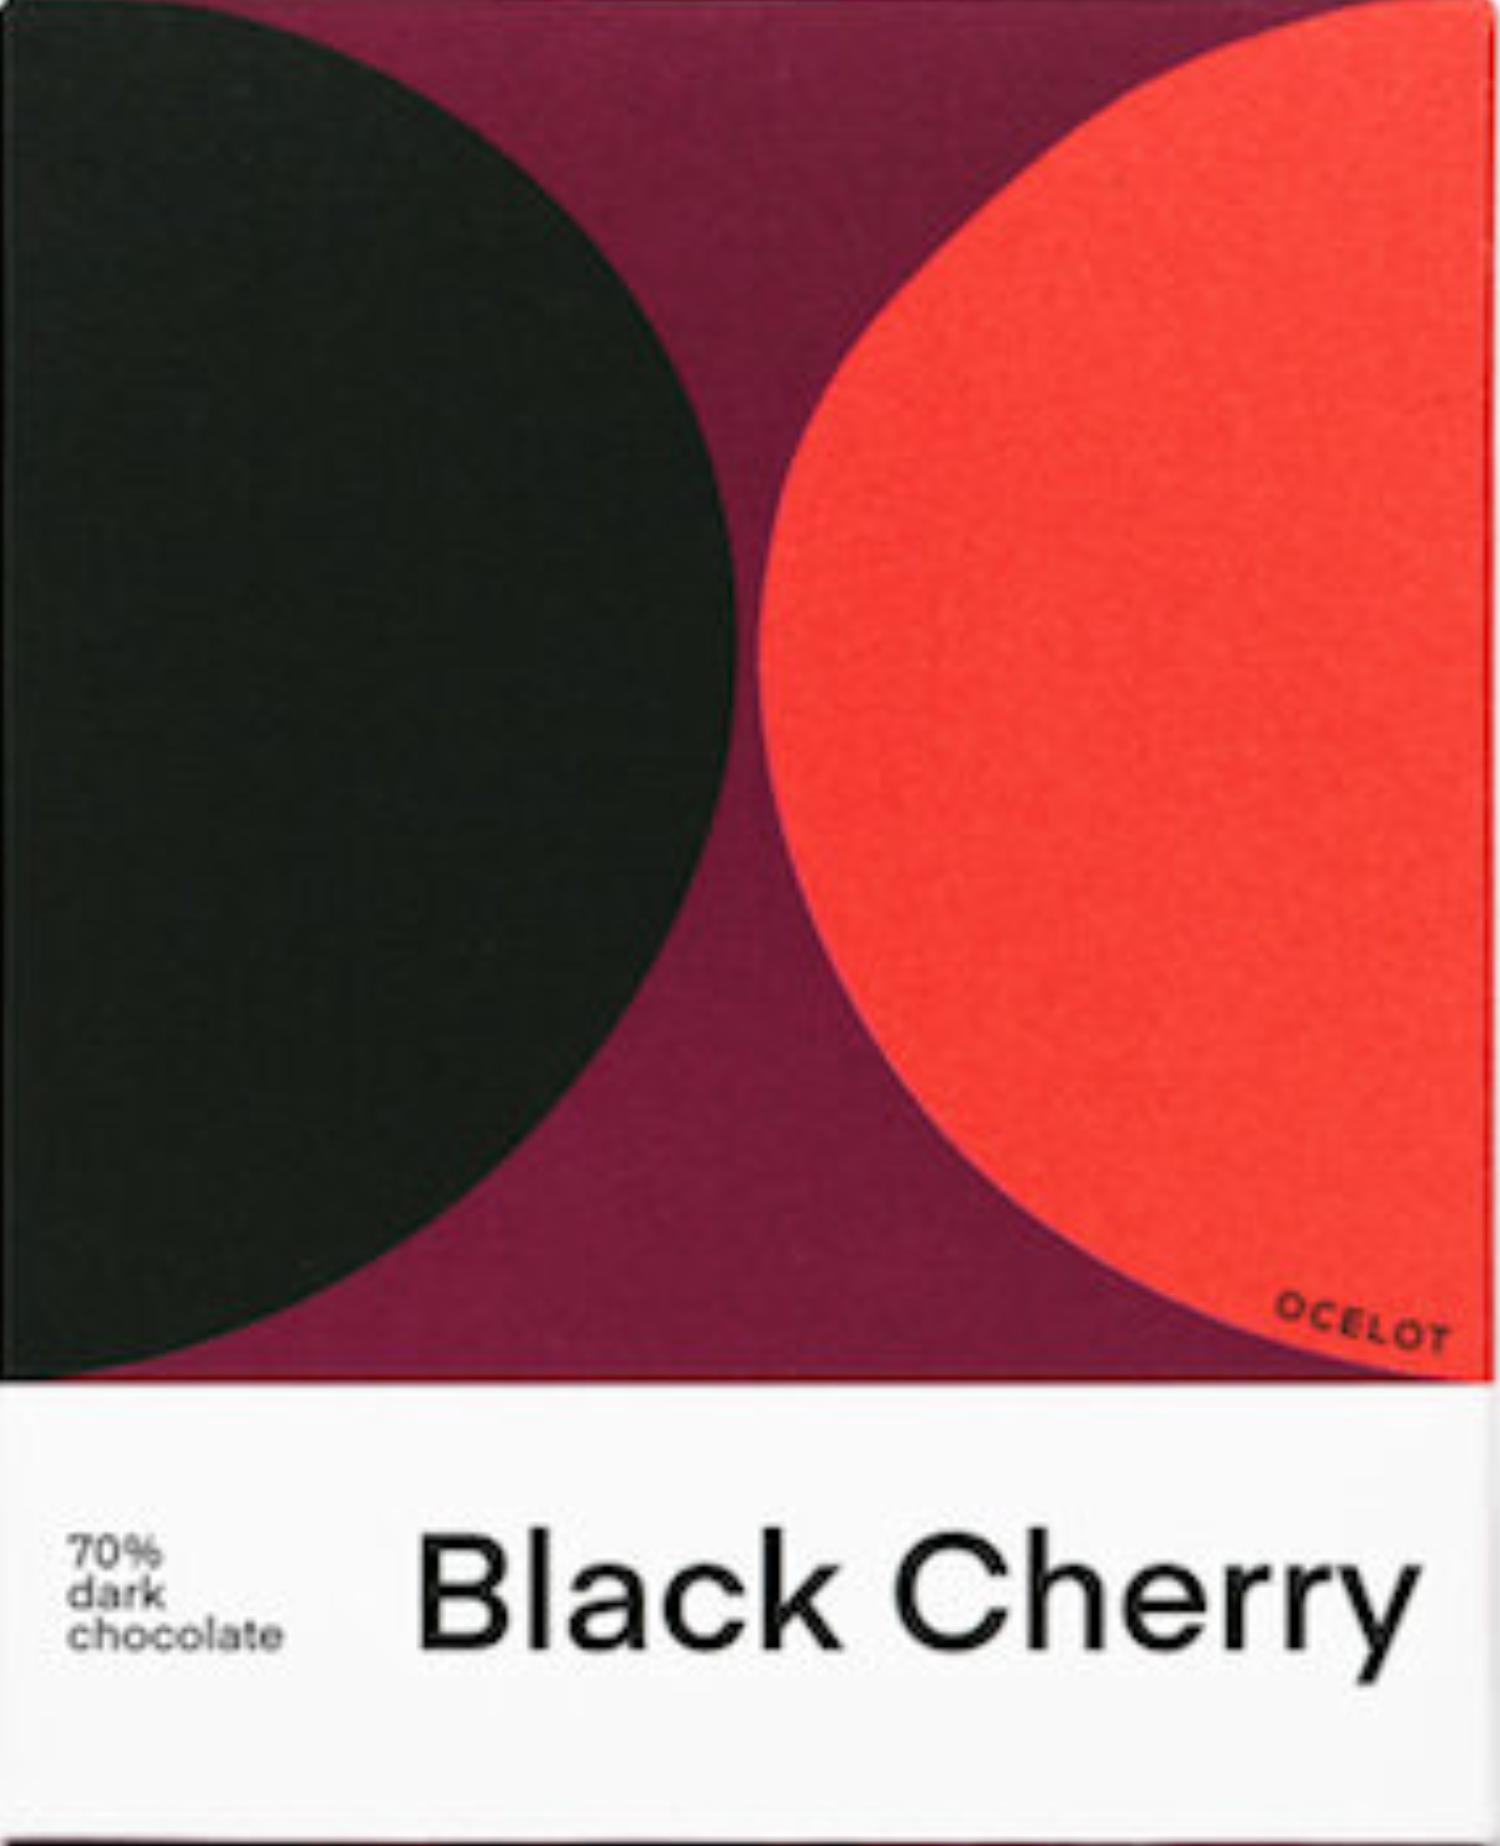 OCELOT | Dunkle Schokolade & Schwarzkirsche »Black Cherry« 70%